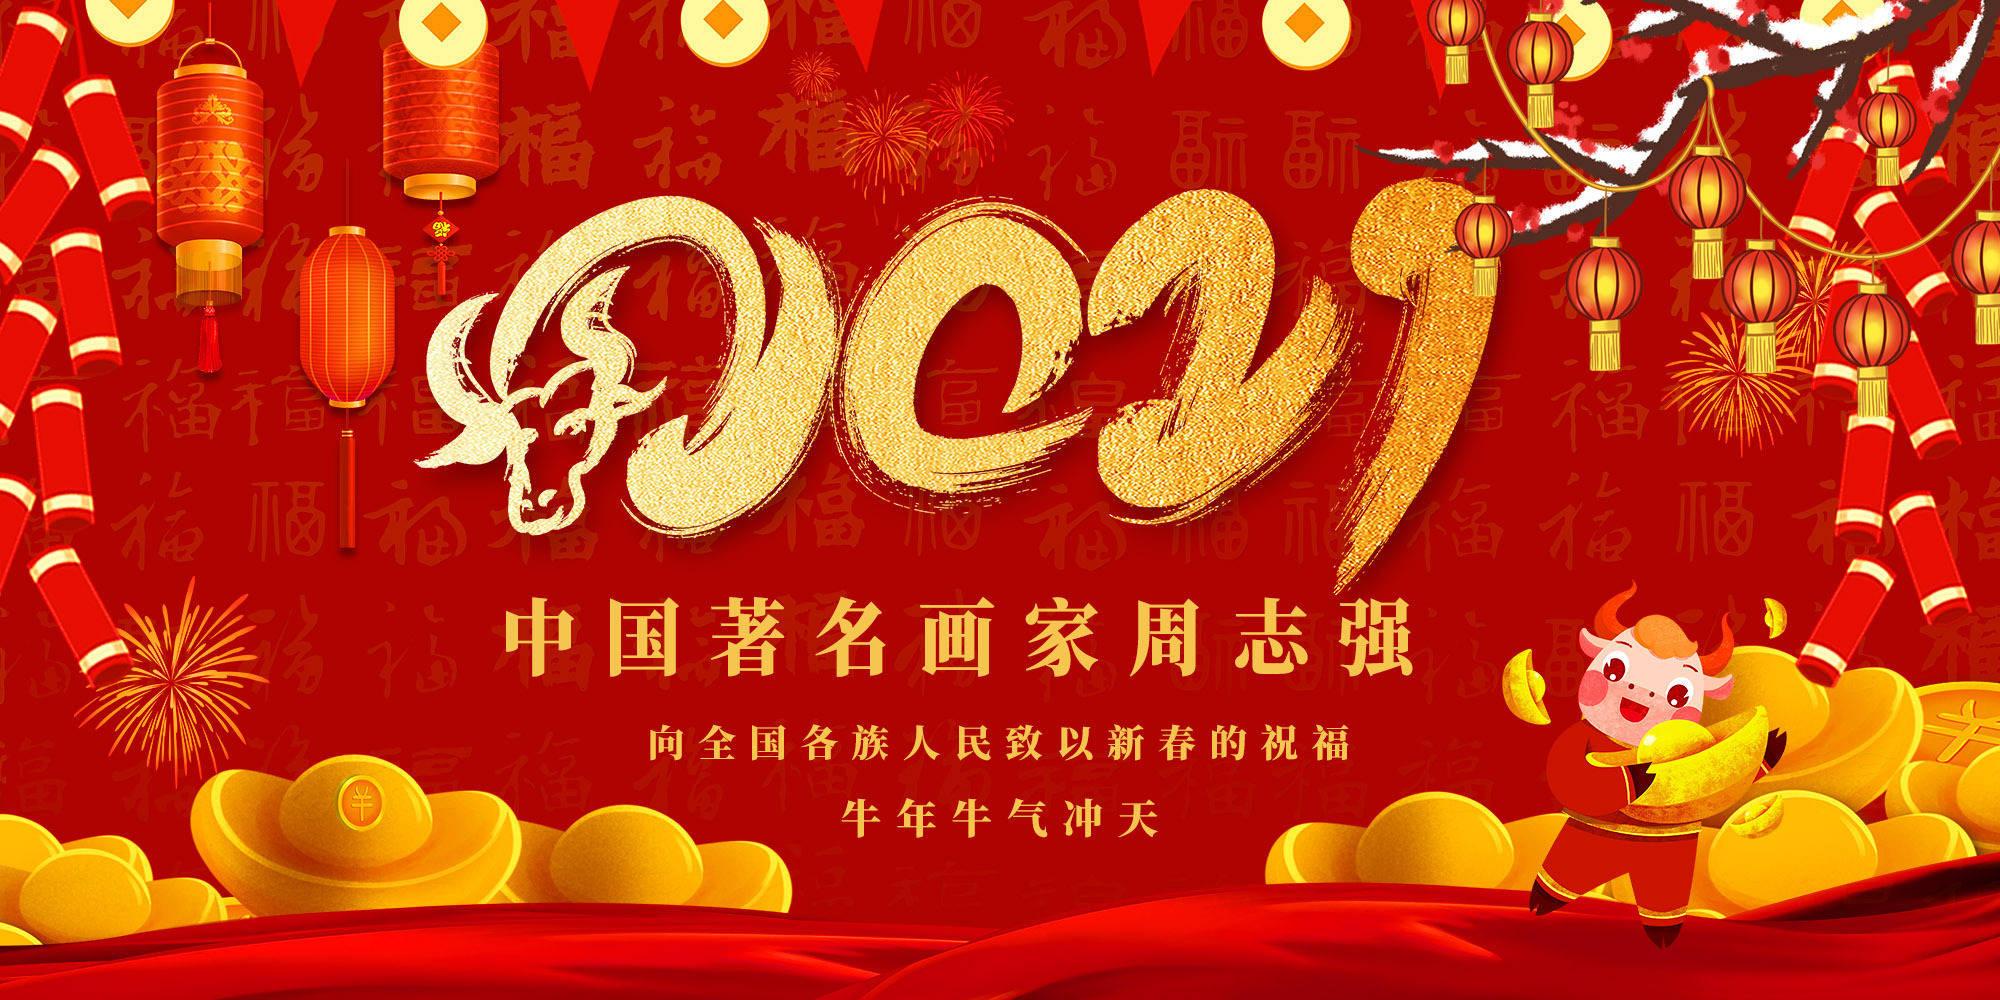 2021中国著名画家周志强新春送福大拜年暨贺岁作品展